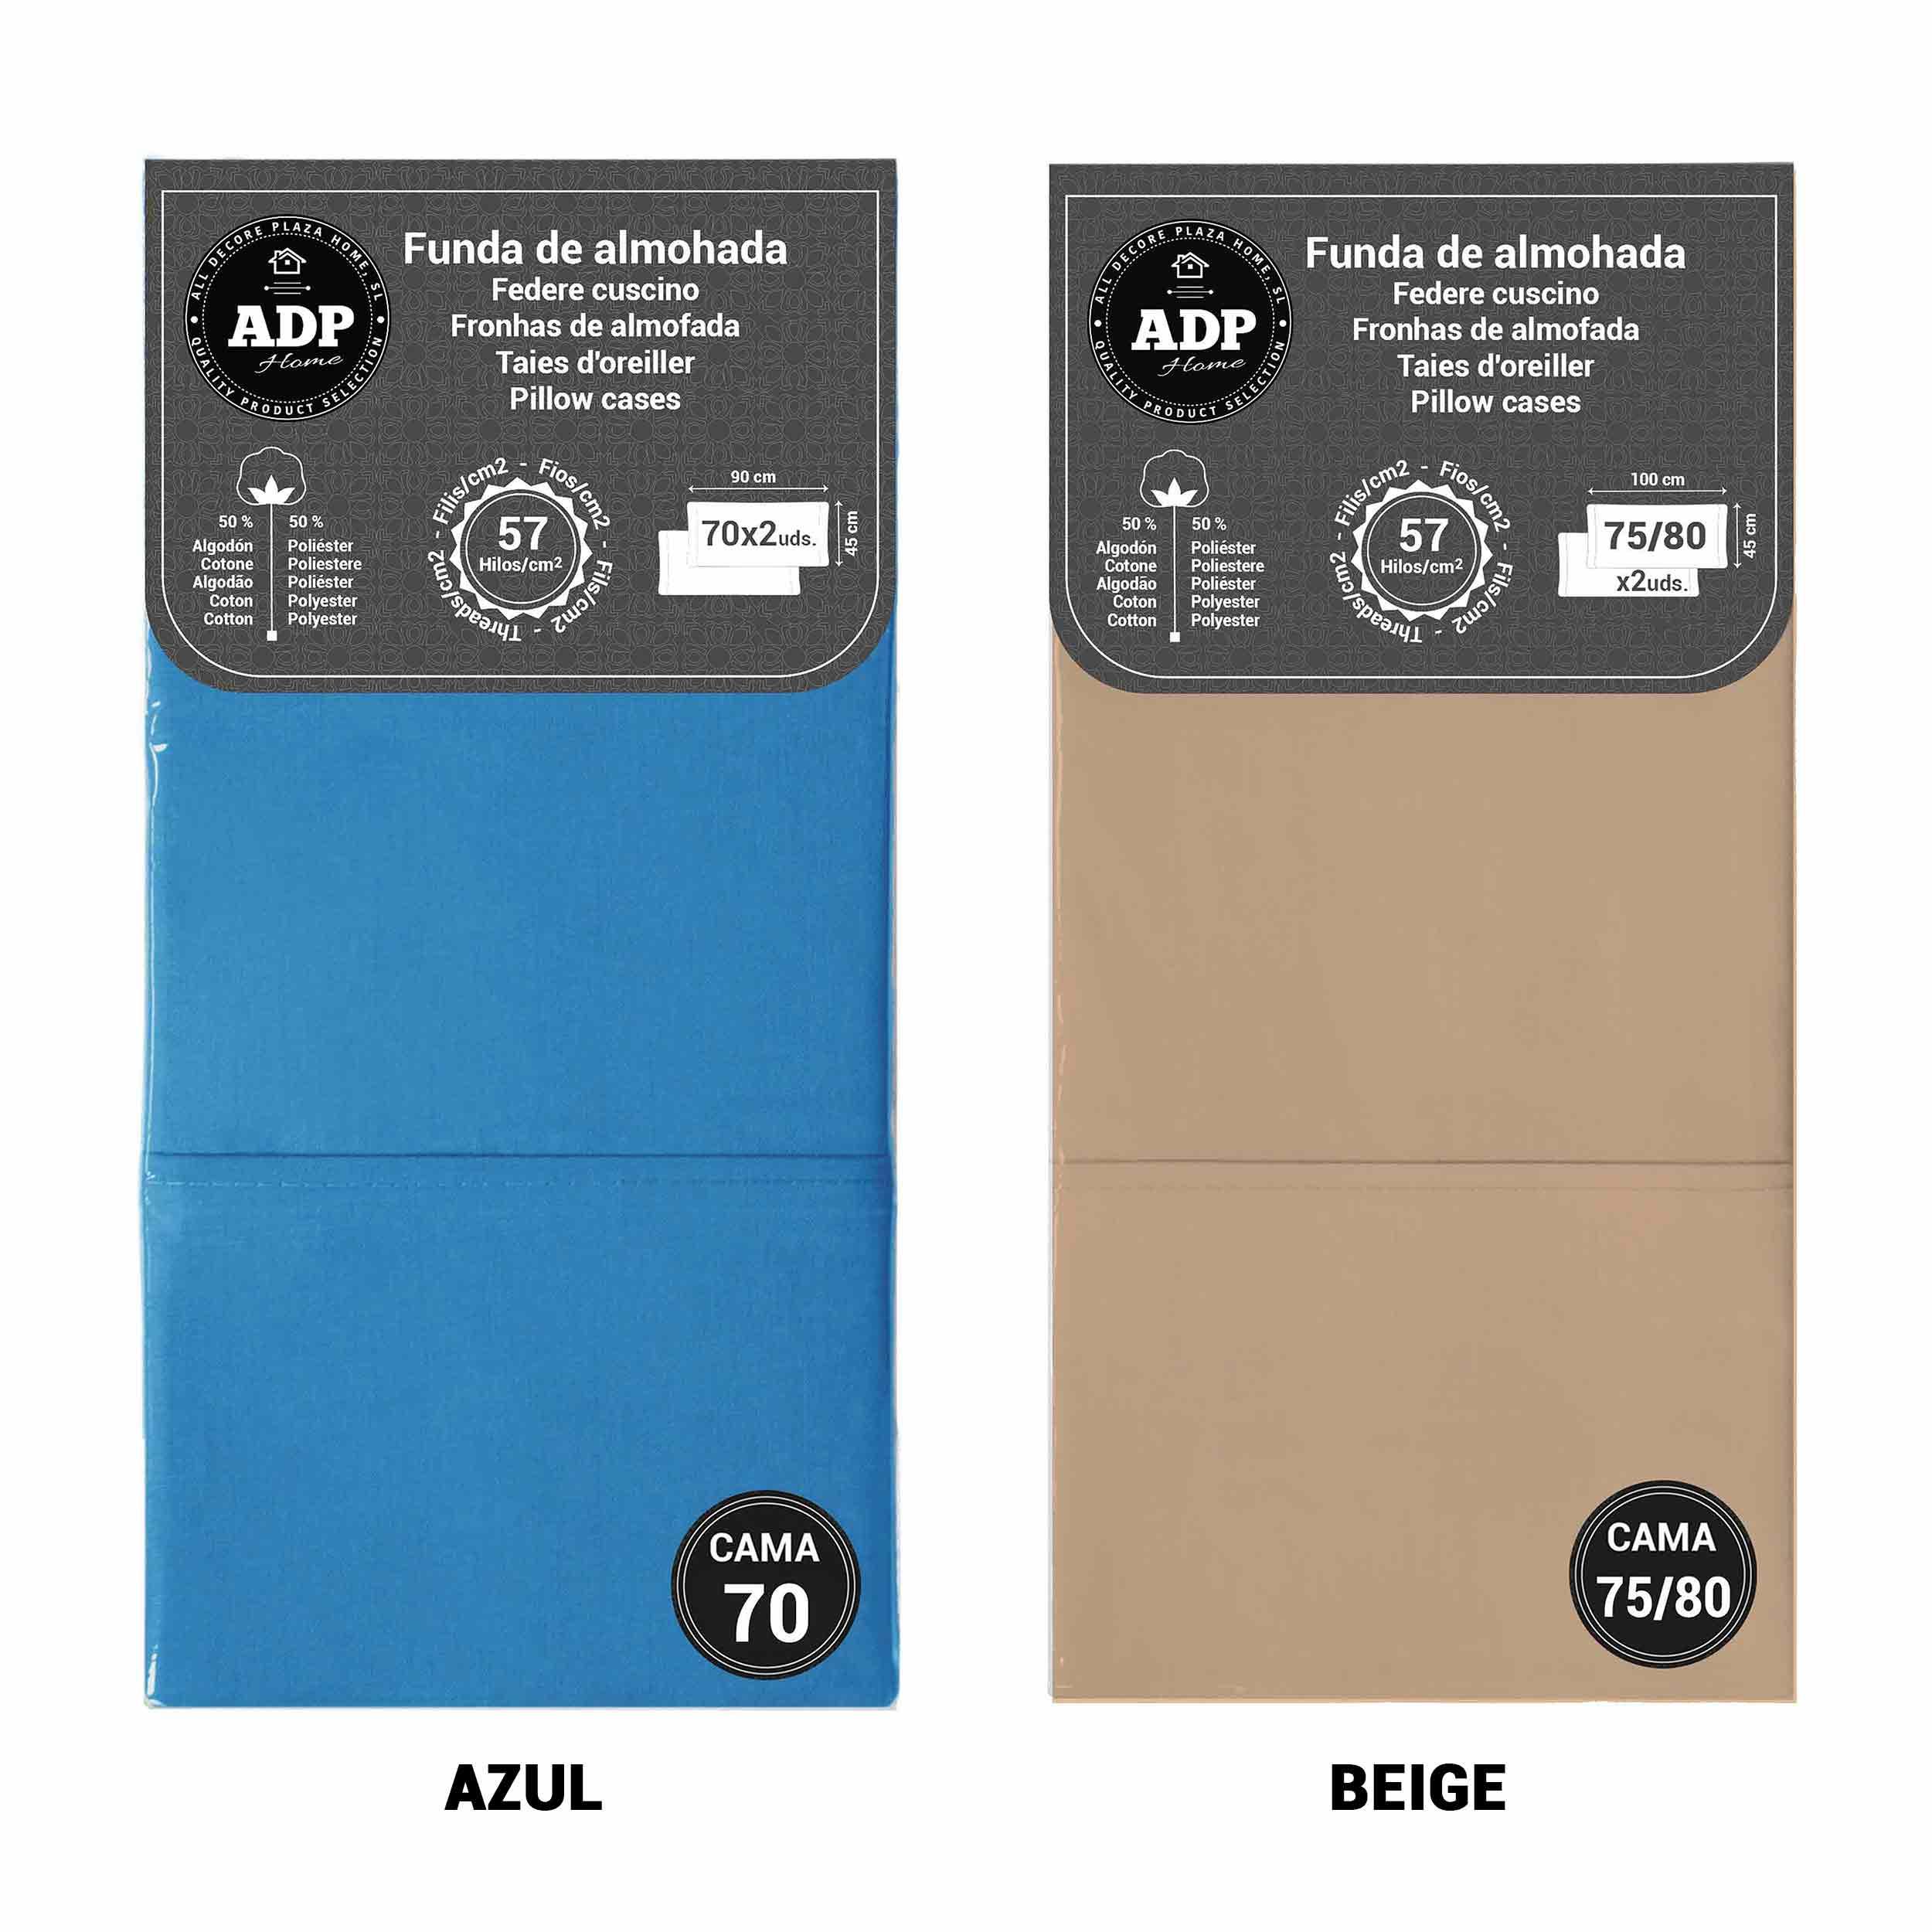 ADP Home - Pillowcase Dyed, 144 Threads (Pack 2 Und. 70 Cm, 75/80 Cm, 90 Cm; 1 Und. 105 Cm, 135 Cm, 150 Cm)